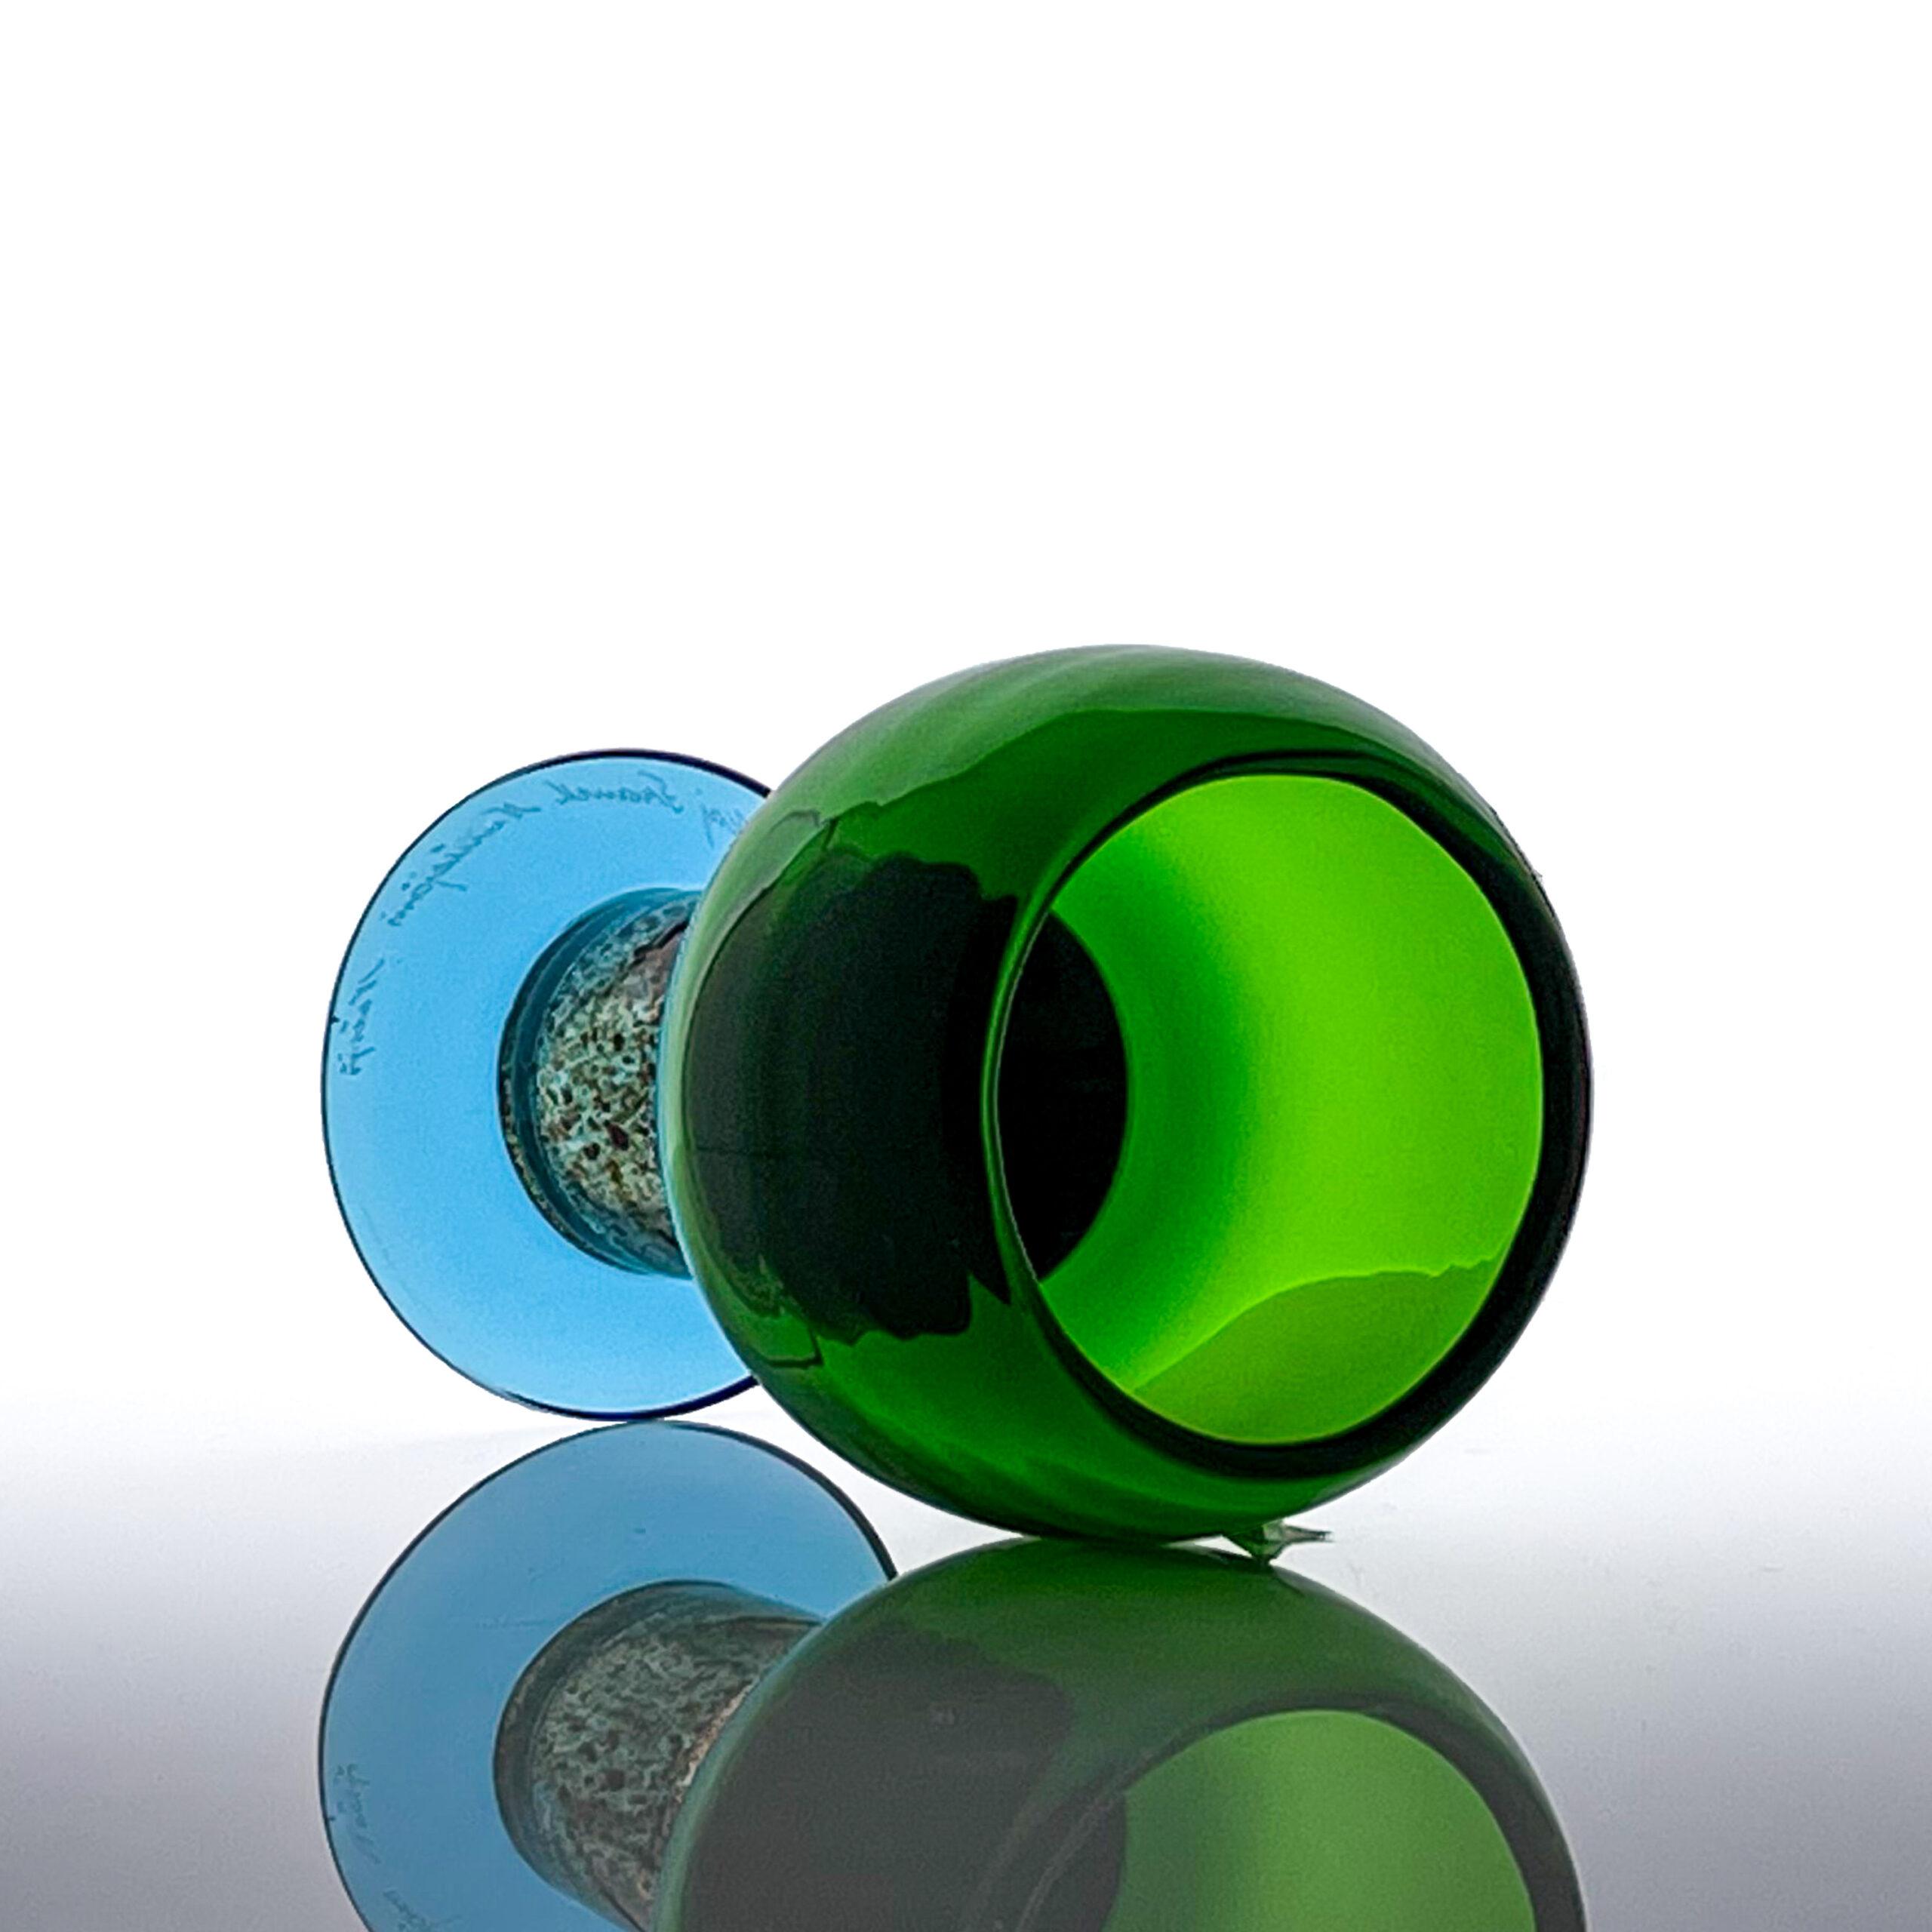 KF Pokali groen Web-6